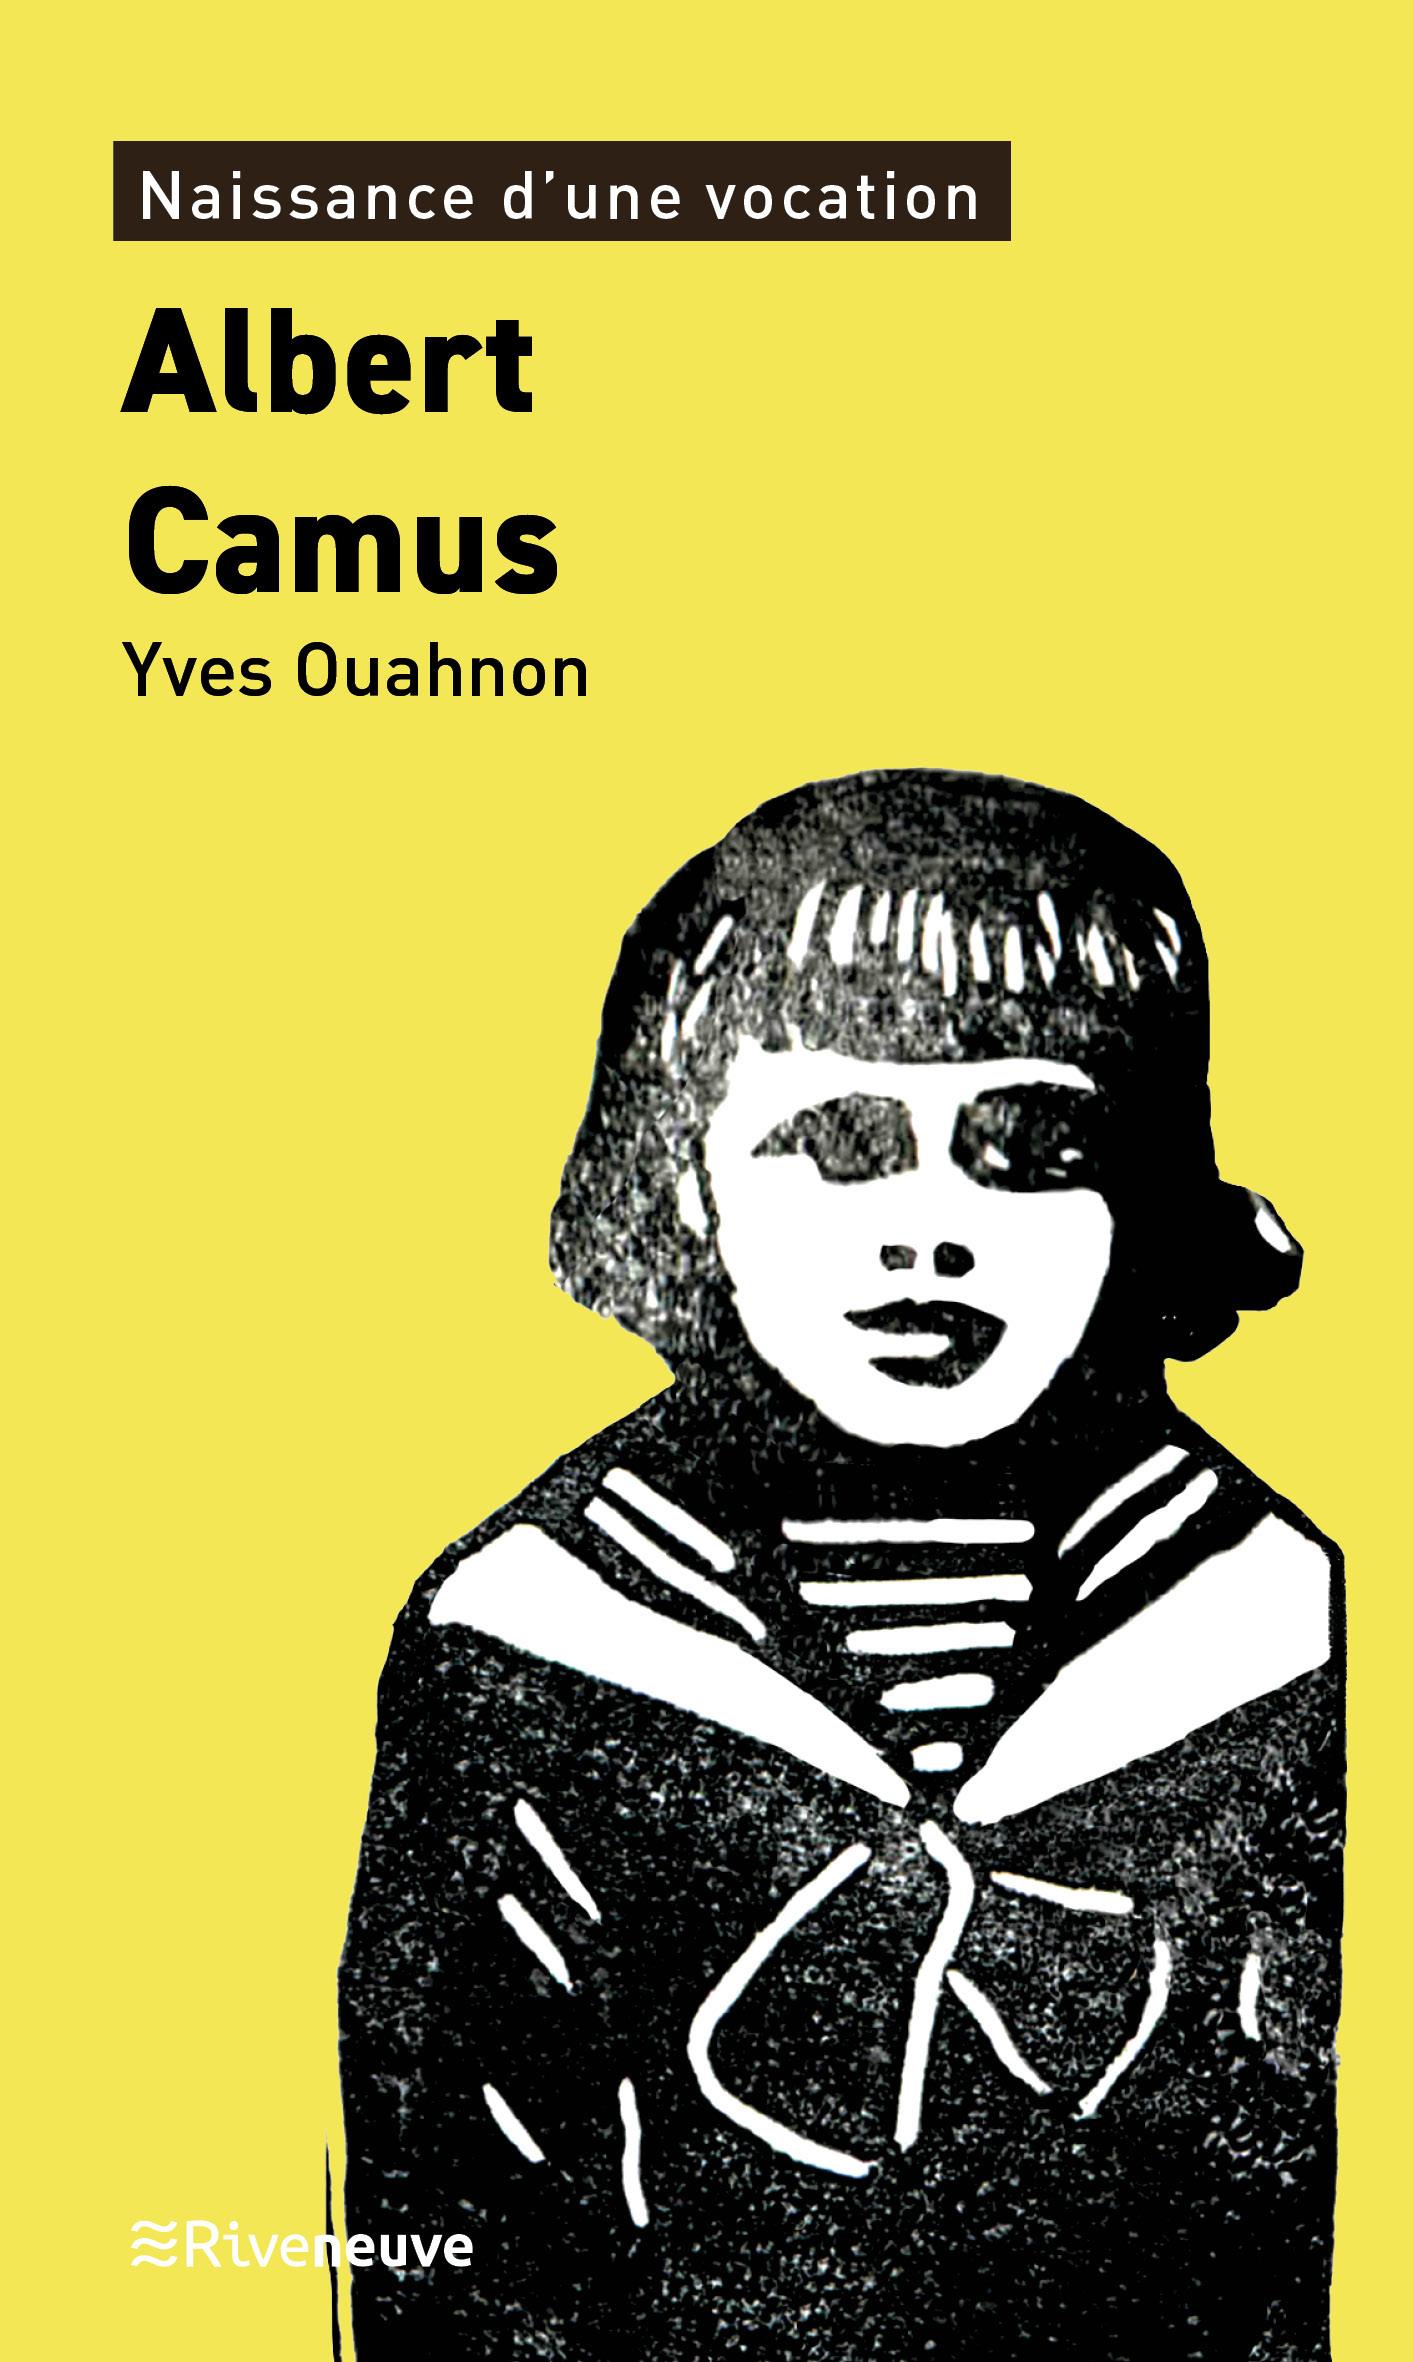 Albert Camus. Naissance d'une vocation